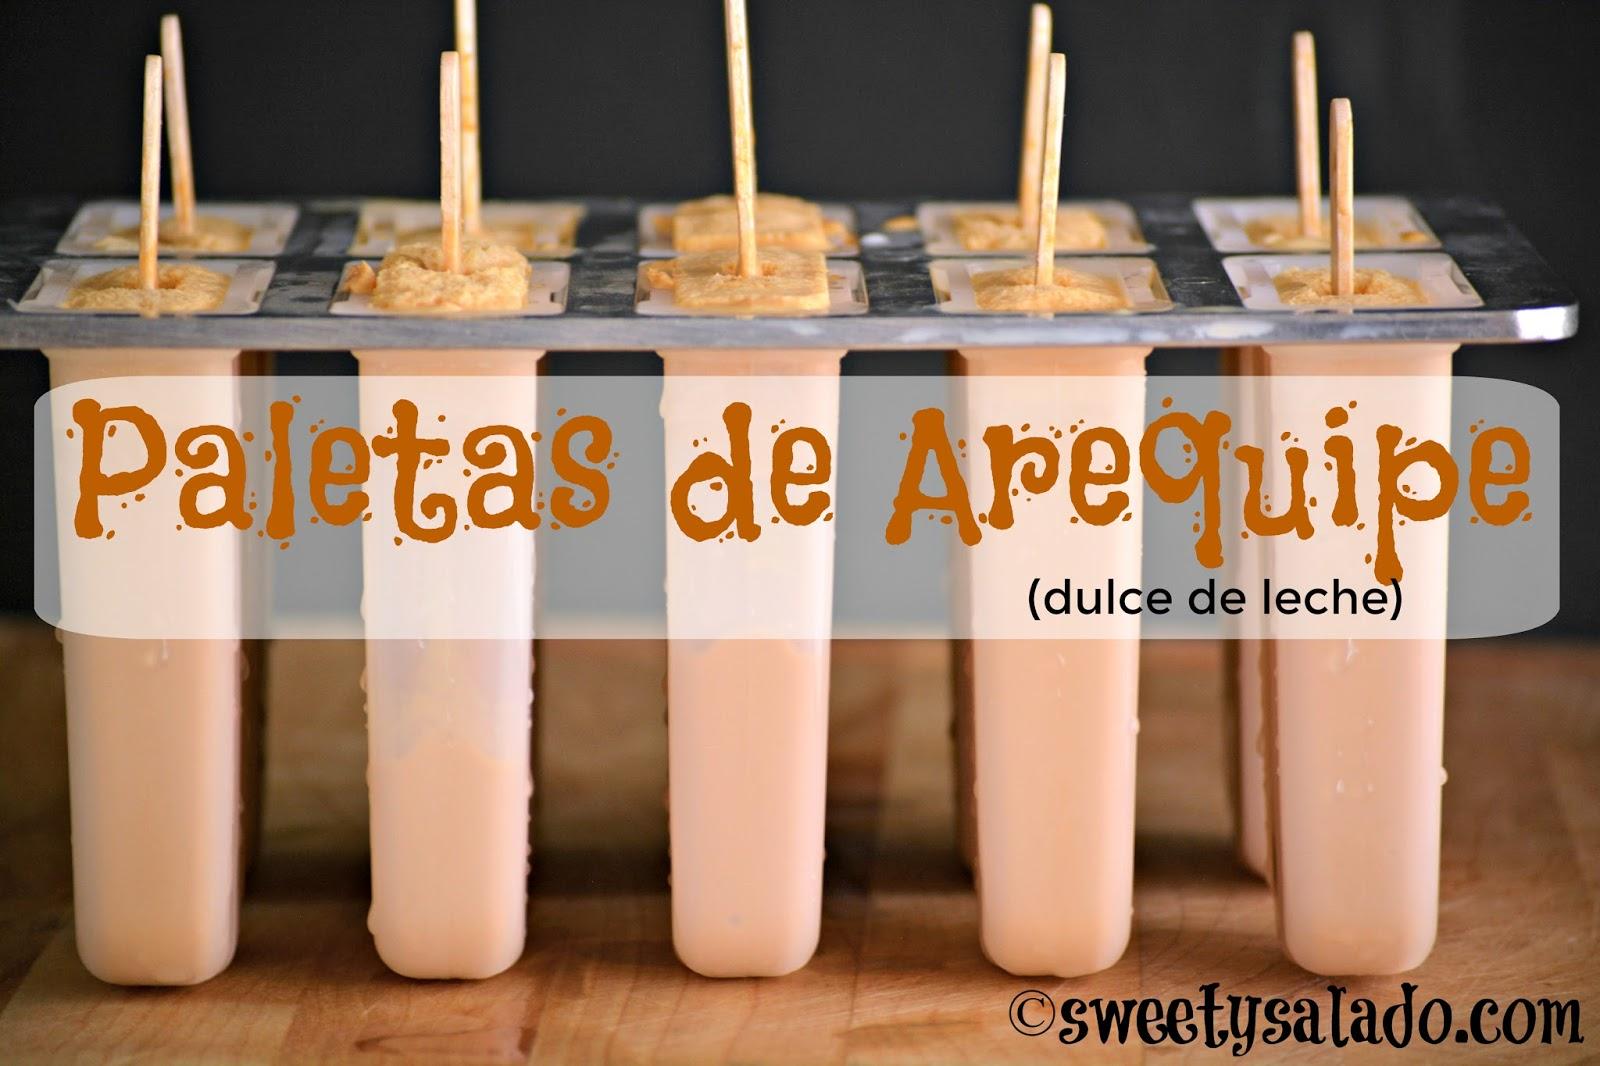 Sweet y salado paletas de arequipe dulce de leche - Hacer bolis en casa ...